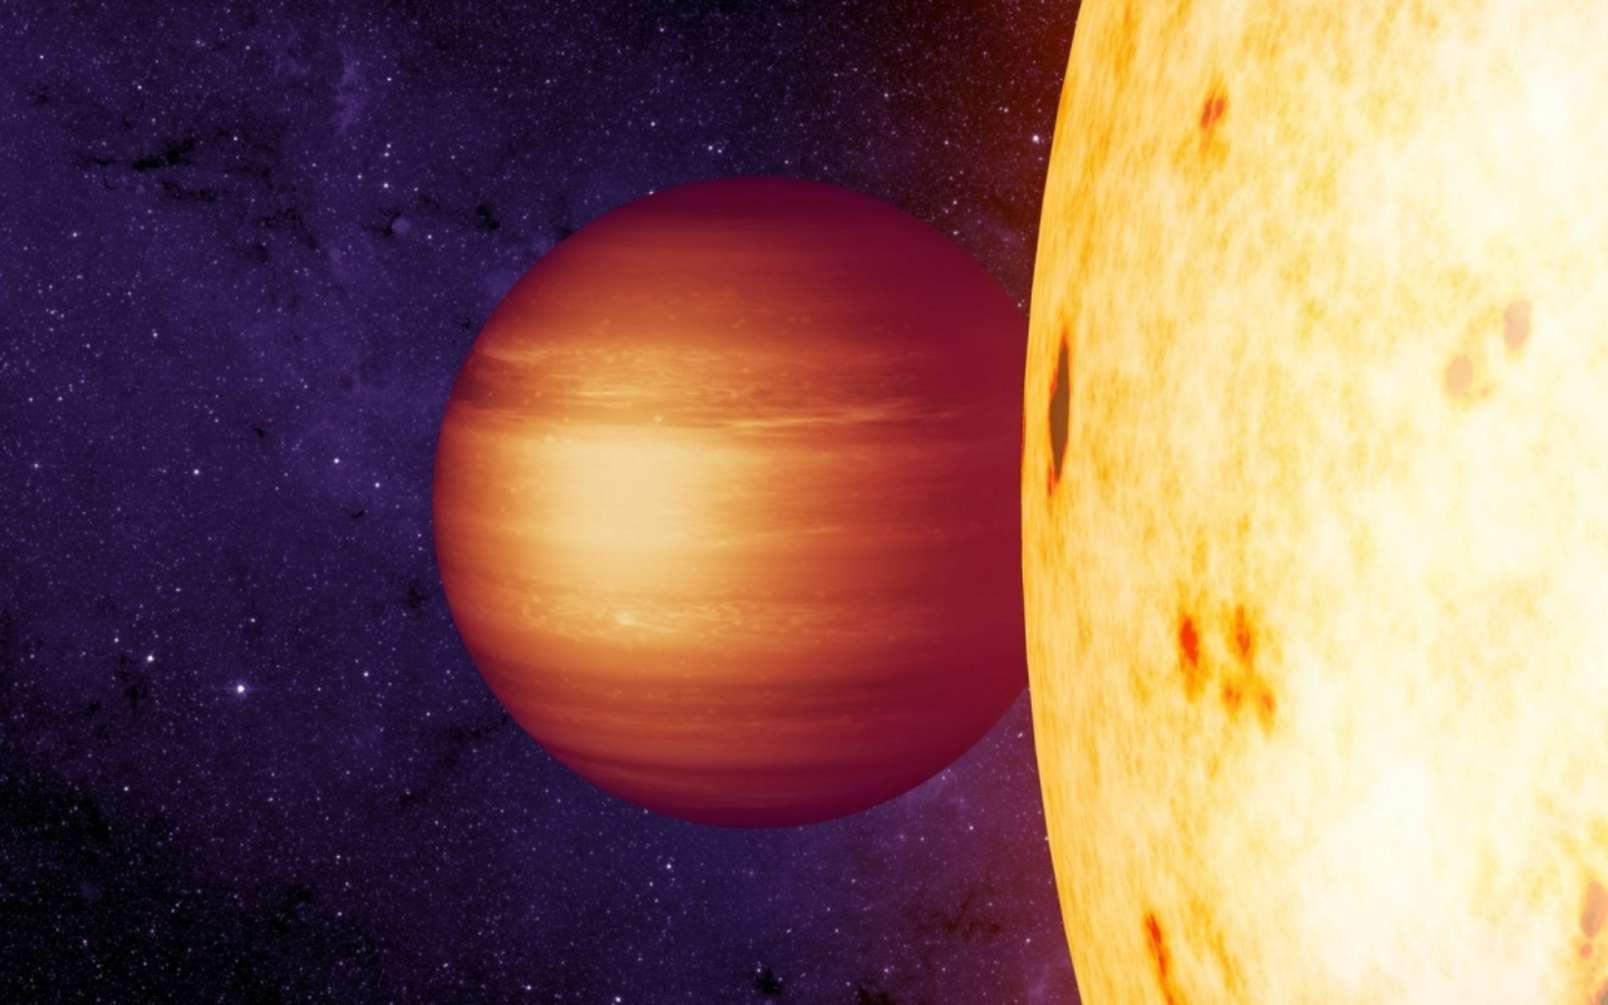 Une vue d'artiste de l'exoplanète Corot-2b, une Jupiter chaude. © Nasa, JPL-Caltech, T. Pyle, IPAC